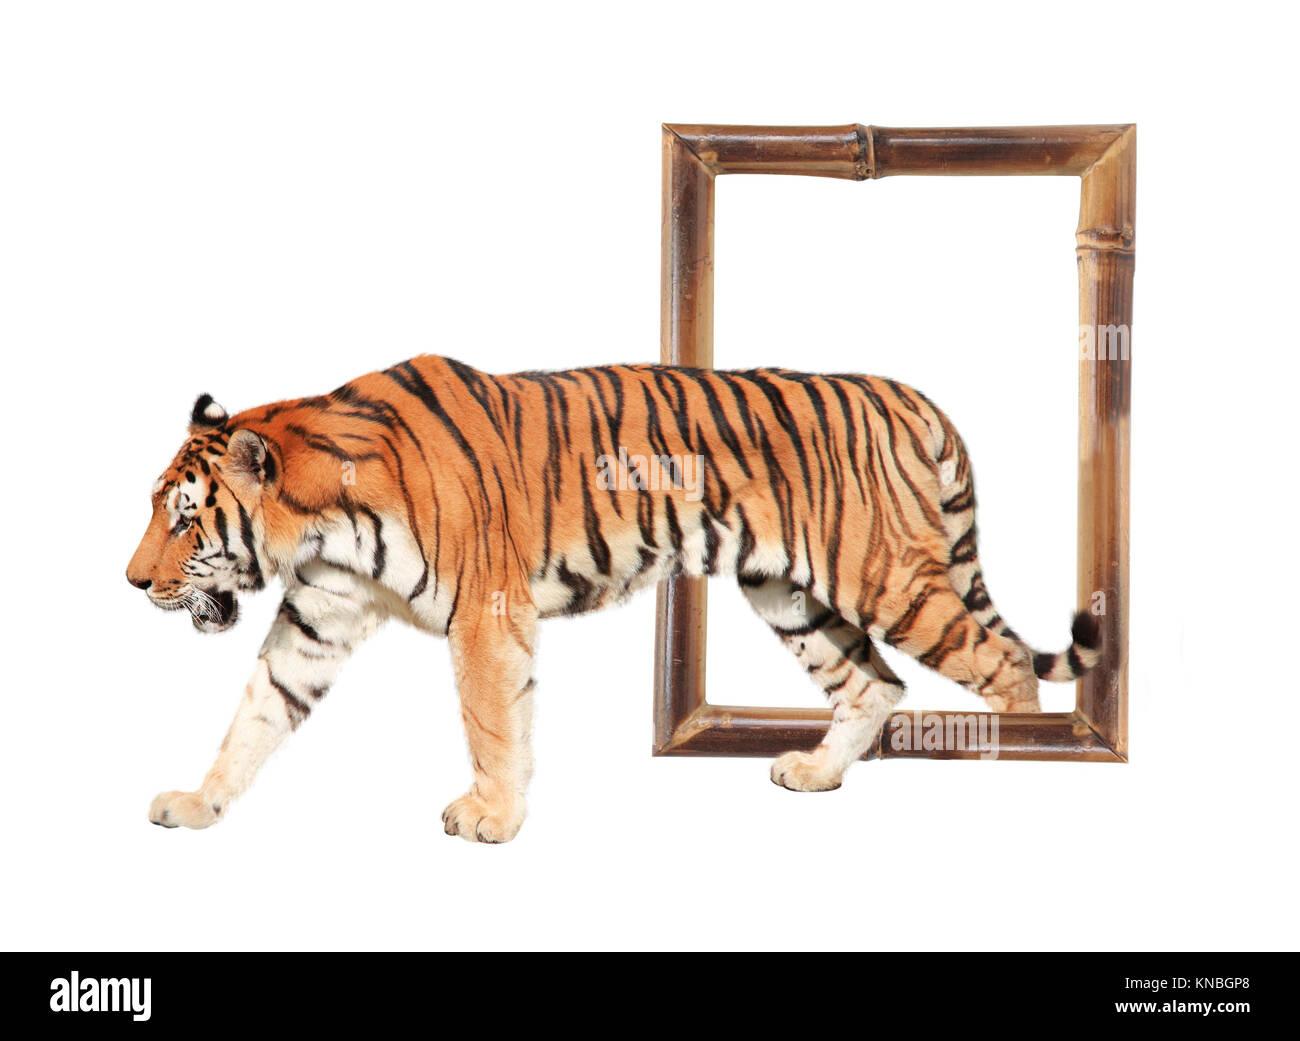 Tiger aus einem Bambus Rahmen (3D-Effekt). Auf weissem Hintergrund ...